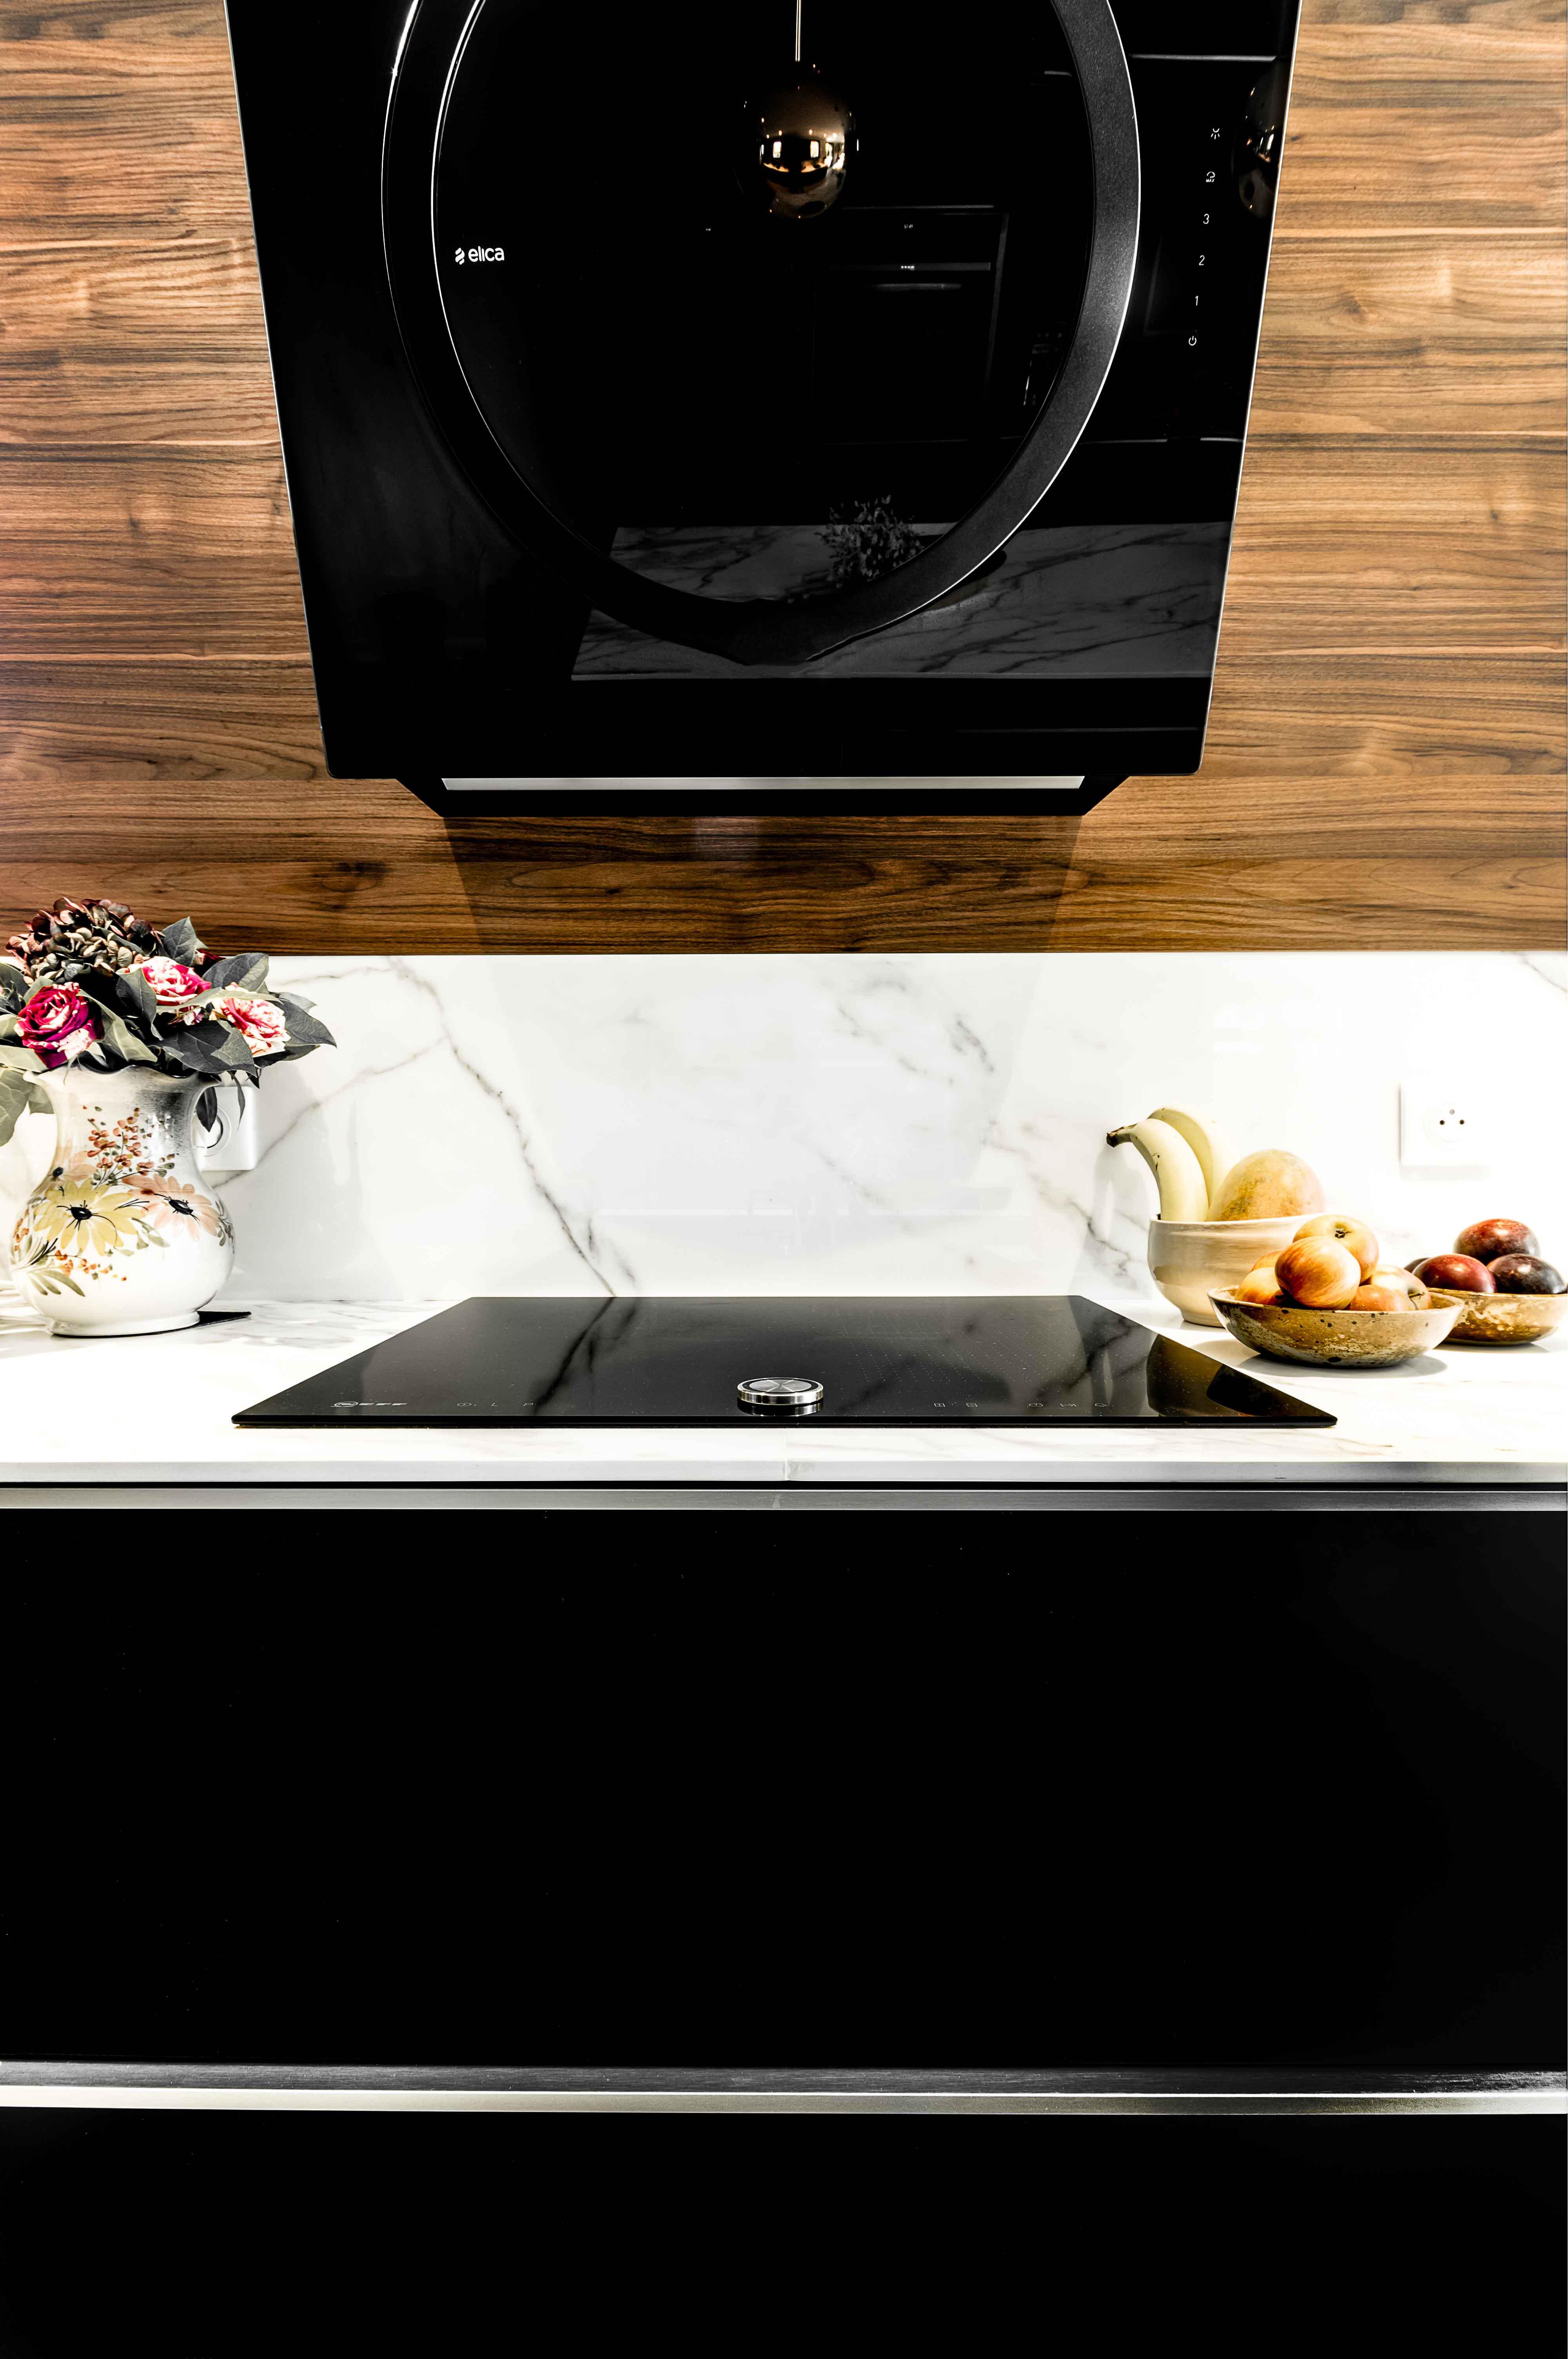 réalisation de cuisine sur annecy par des architectes d'intérieur cuisiniste professionnels